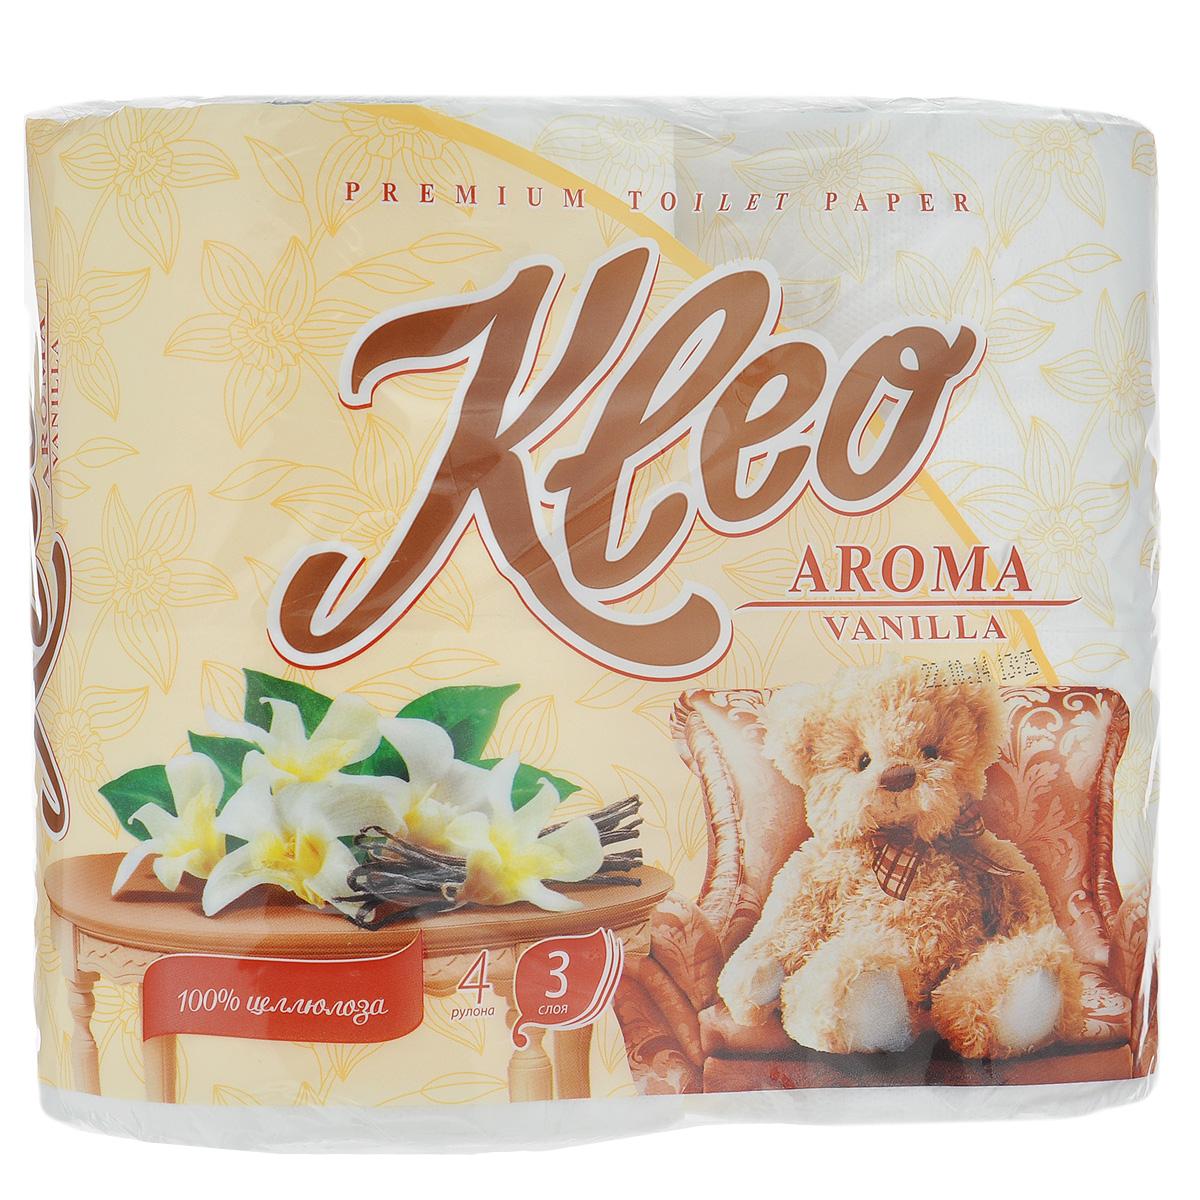 Туалетная бумага Kleo Aroma. Vanilla, трехслойная, цвет: белый, 4 рулонаKOC-H19-LEDТуалетная бумага Kleo Aroma. Vanilla, выполненная из натуральной целлюлозы, обеспечивает превосходный комфорт и ощущение чистоты и свежести. Имеет нежный аромат ванили. Необыкновенно мягкая, но в тоже время прочная, бумага не расслаивается и отрывается строго по линии перфорации. Трехслойные листы имеют рисунок с перфорацией.Количество листов: 168 шт. Количество слоев: 3. Размер листа: 12,5 см х 9,6 см. Состав: 100% целлюлоза, ароматизатор.